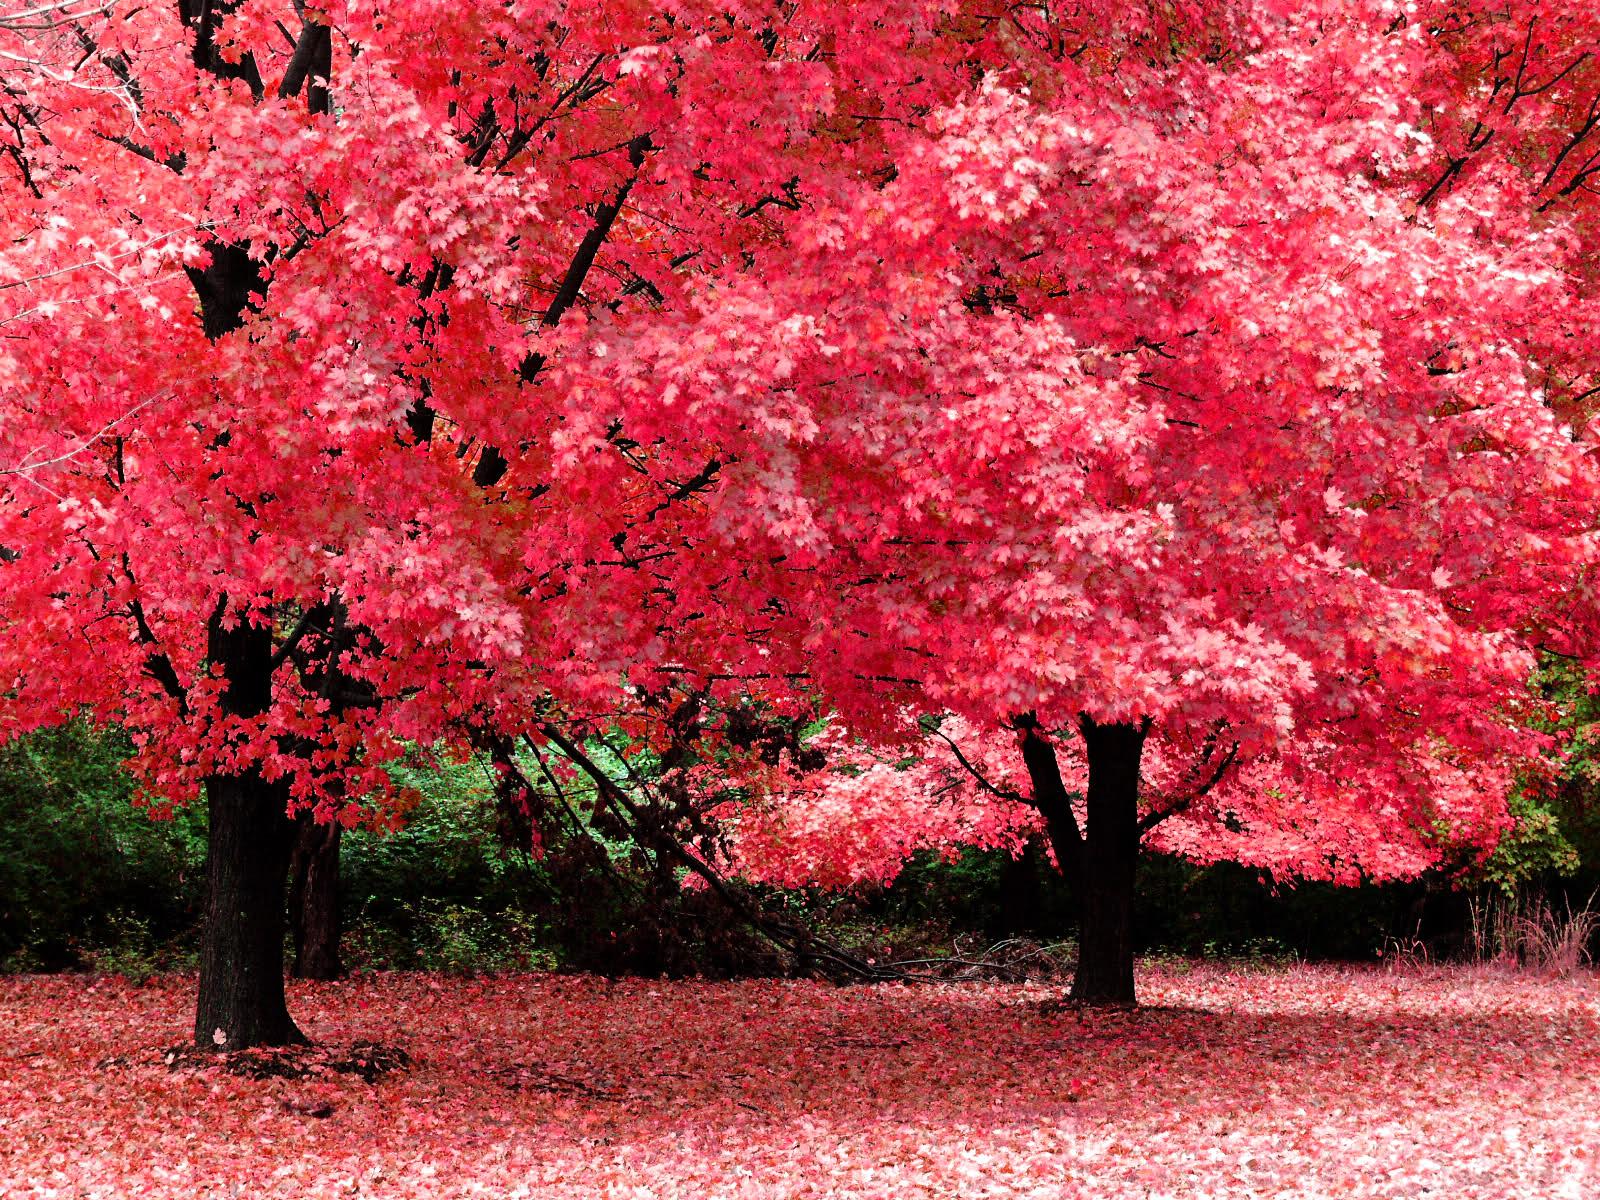 پاییز زیبا تر از بهار